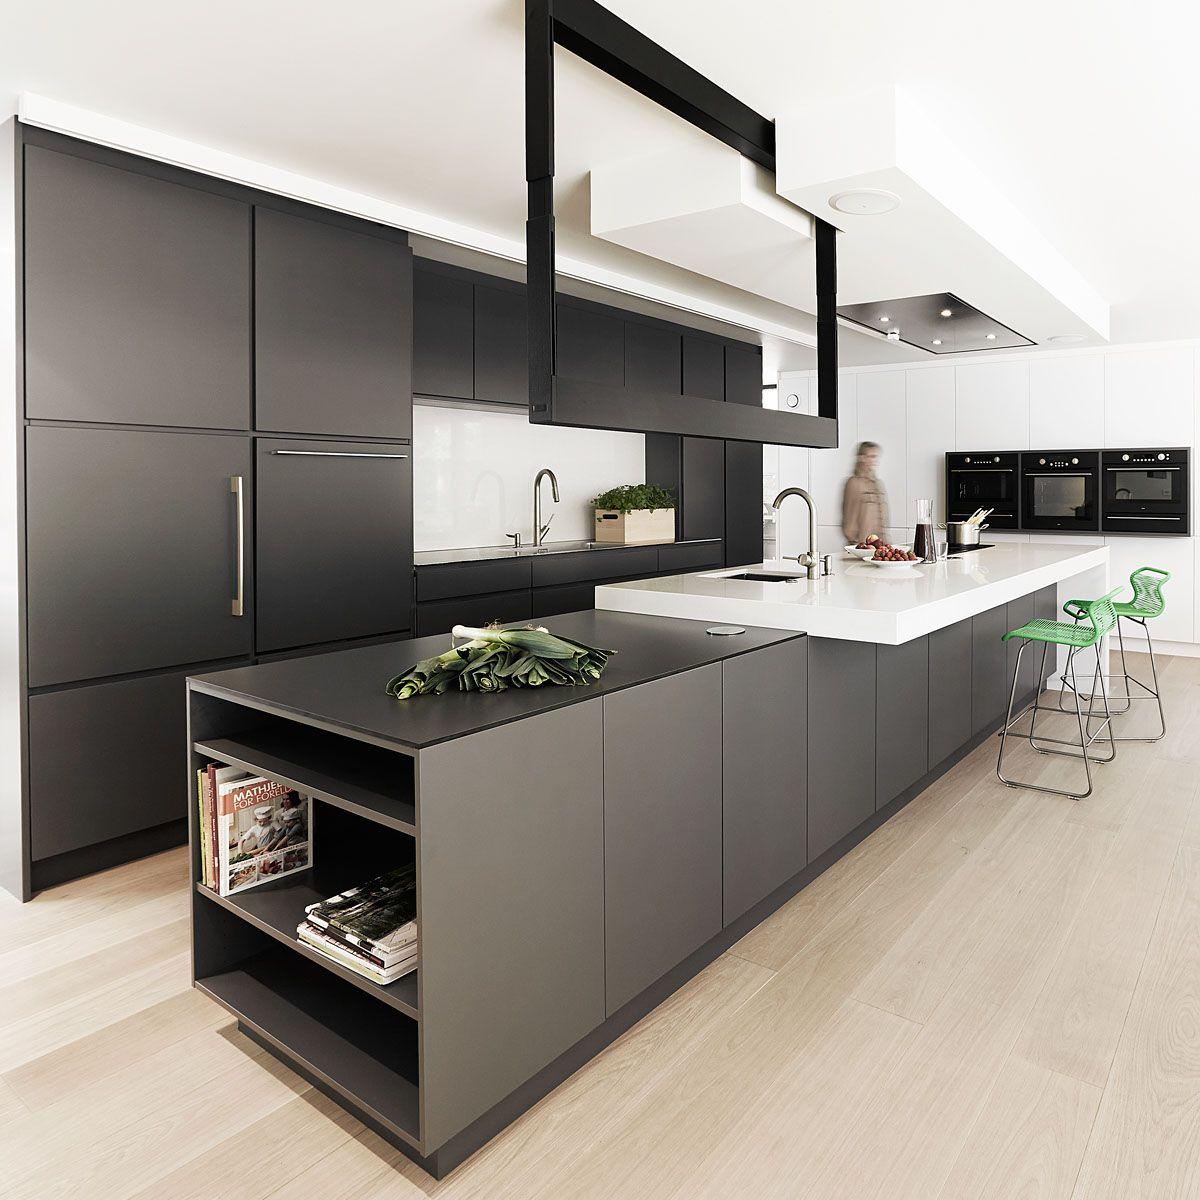 Boformiinfinity køkkenløsninger l grænseløse alternativer kitchens